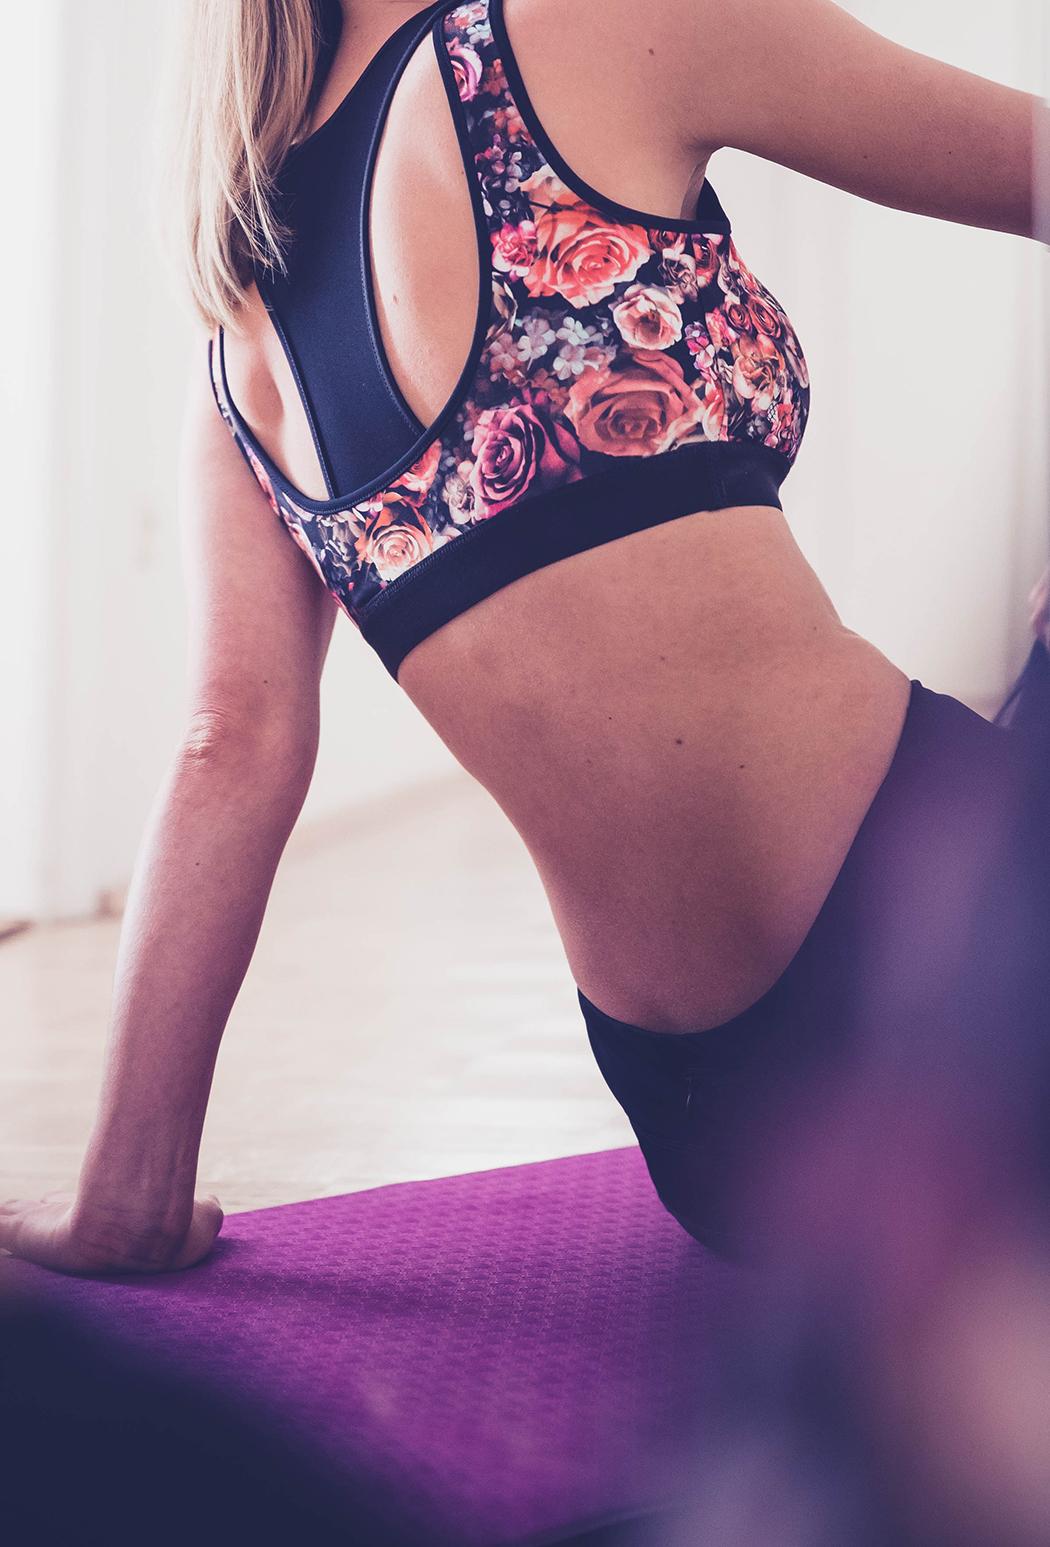 Fitnessblog-Fitnessblogger-Fitness-Blog-Blogger-Muenchen-Deutschland-Oasis-Sportkollektion-Gym-Lindarella-19-web